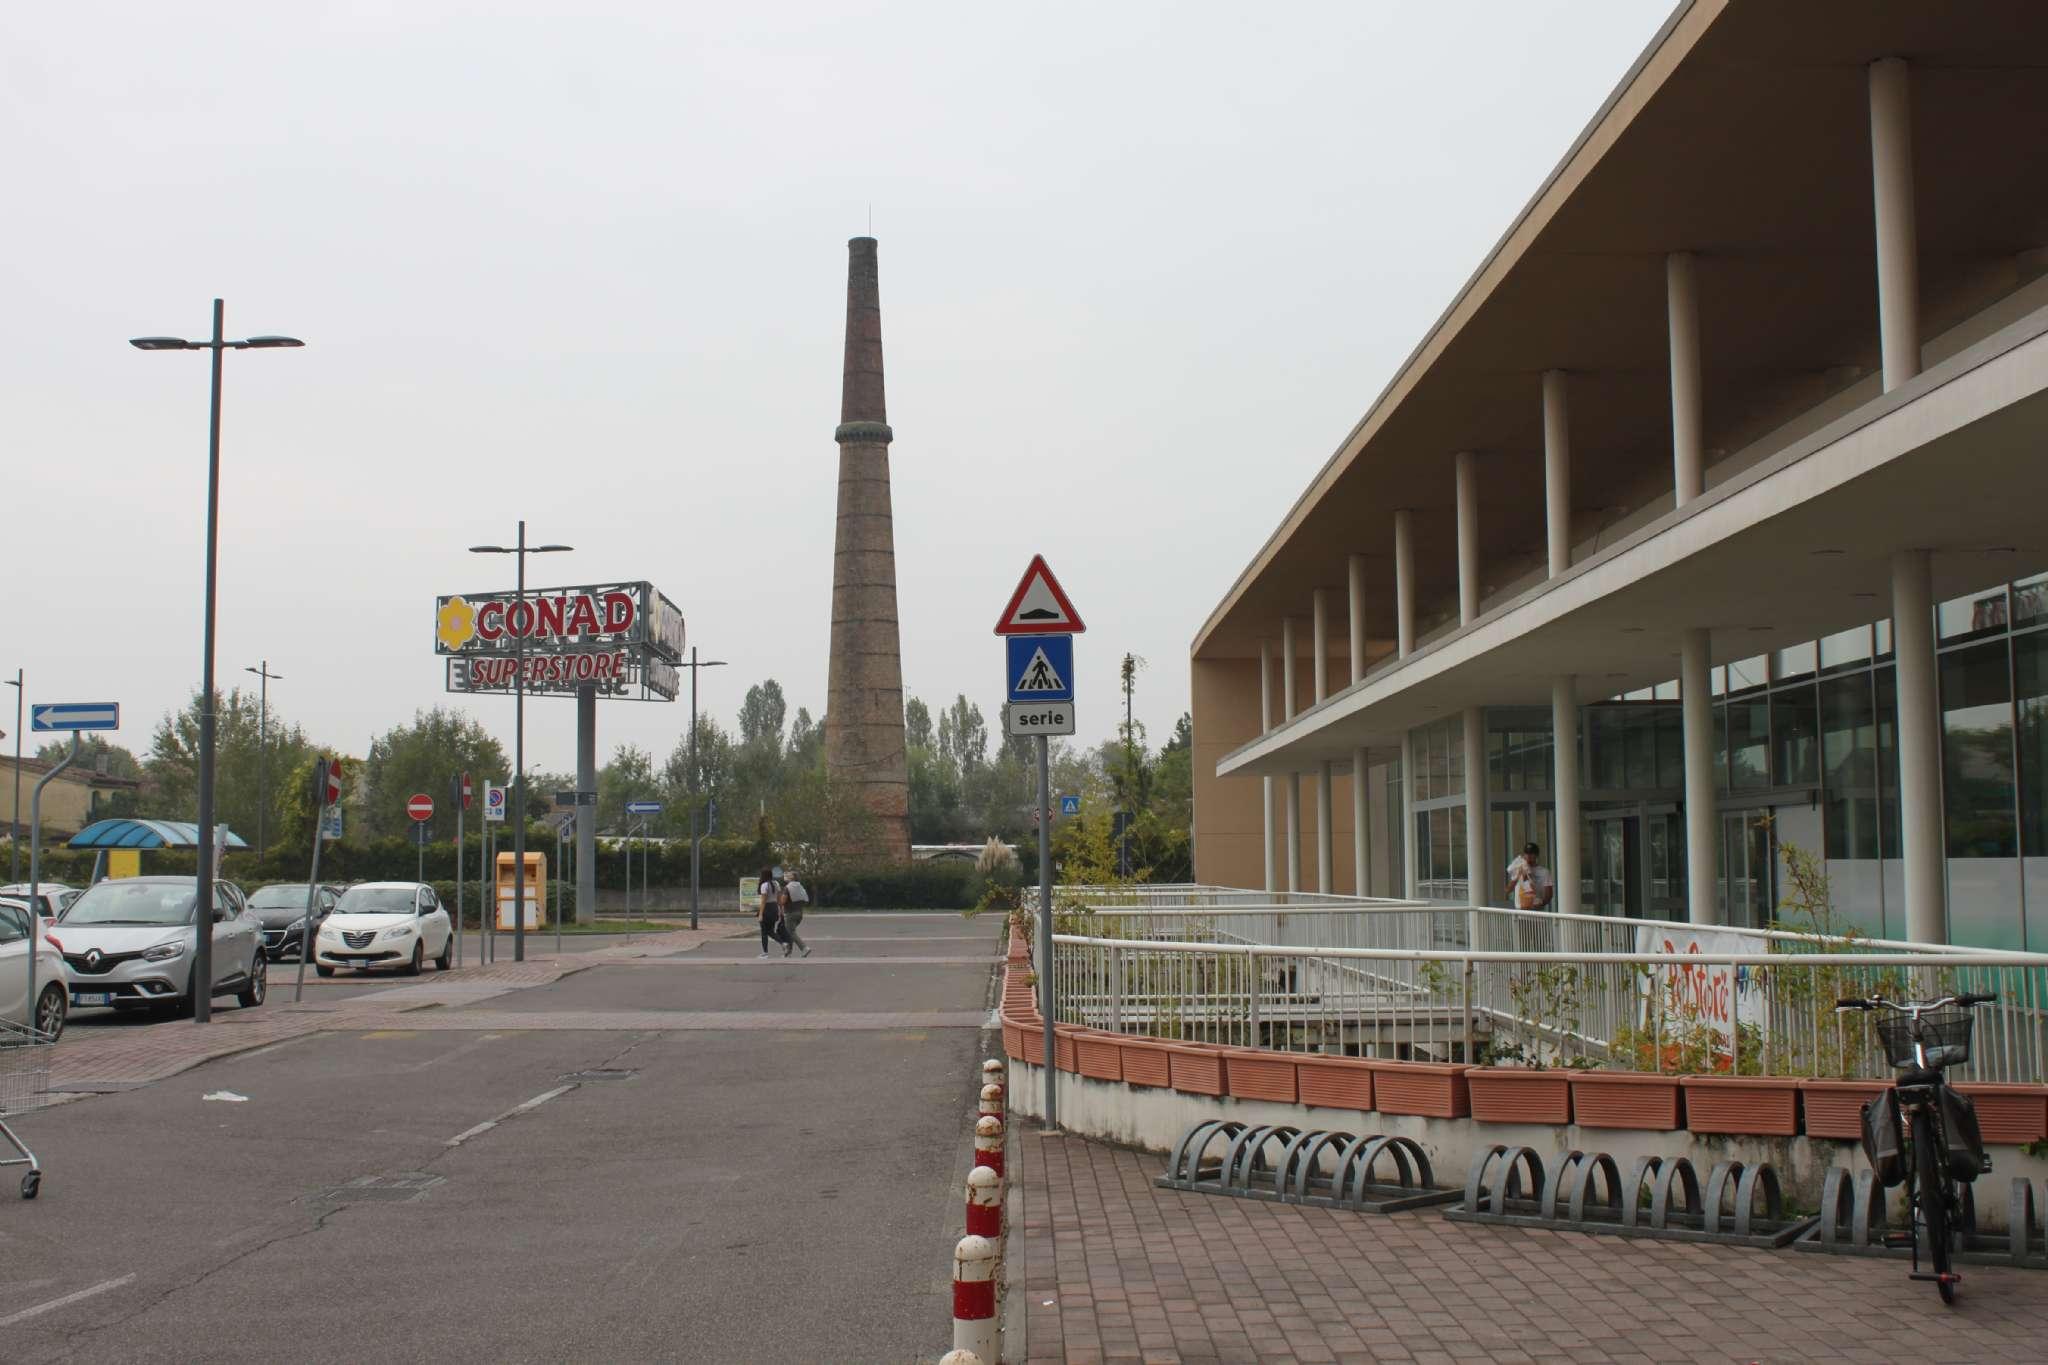 Ufficio / Studio in vendita a Guastalla, 9999 locali, prezzo € 145.000 | CambioCasa.it